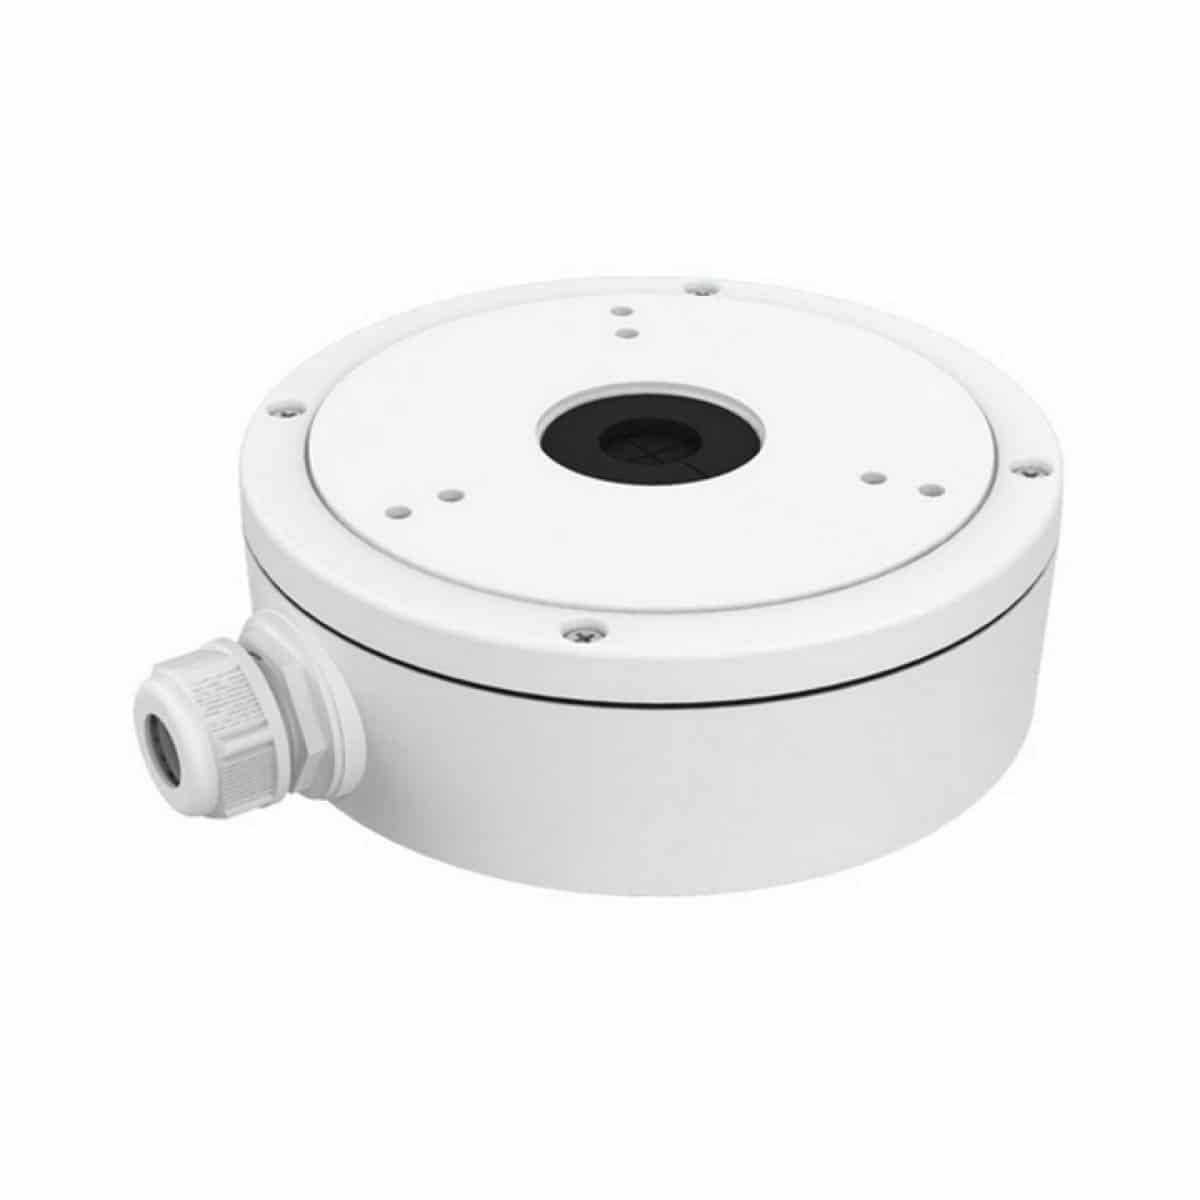 ds-1280zj-s βαση καμερας hikvision securitytech.gr